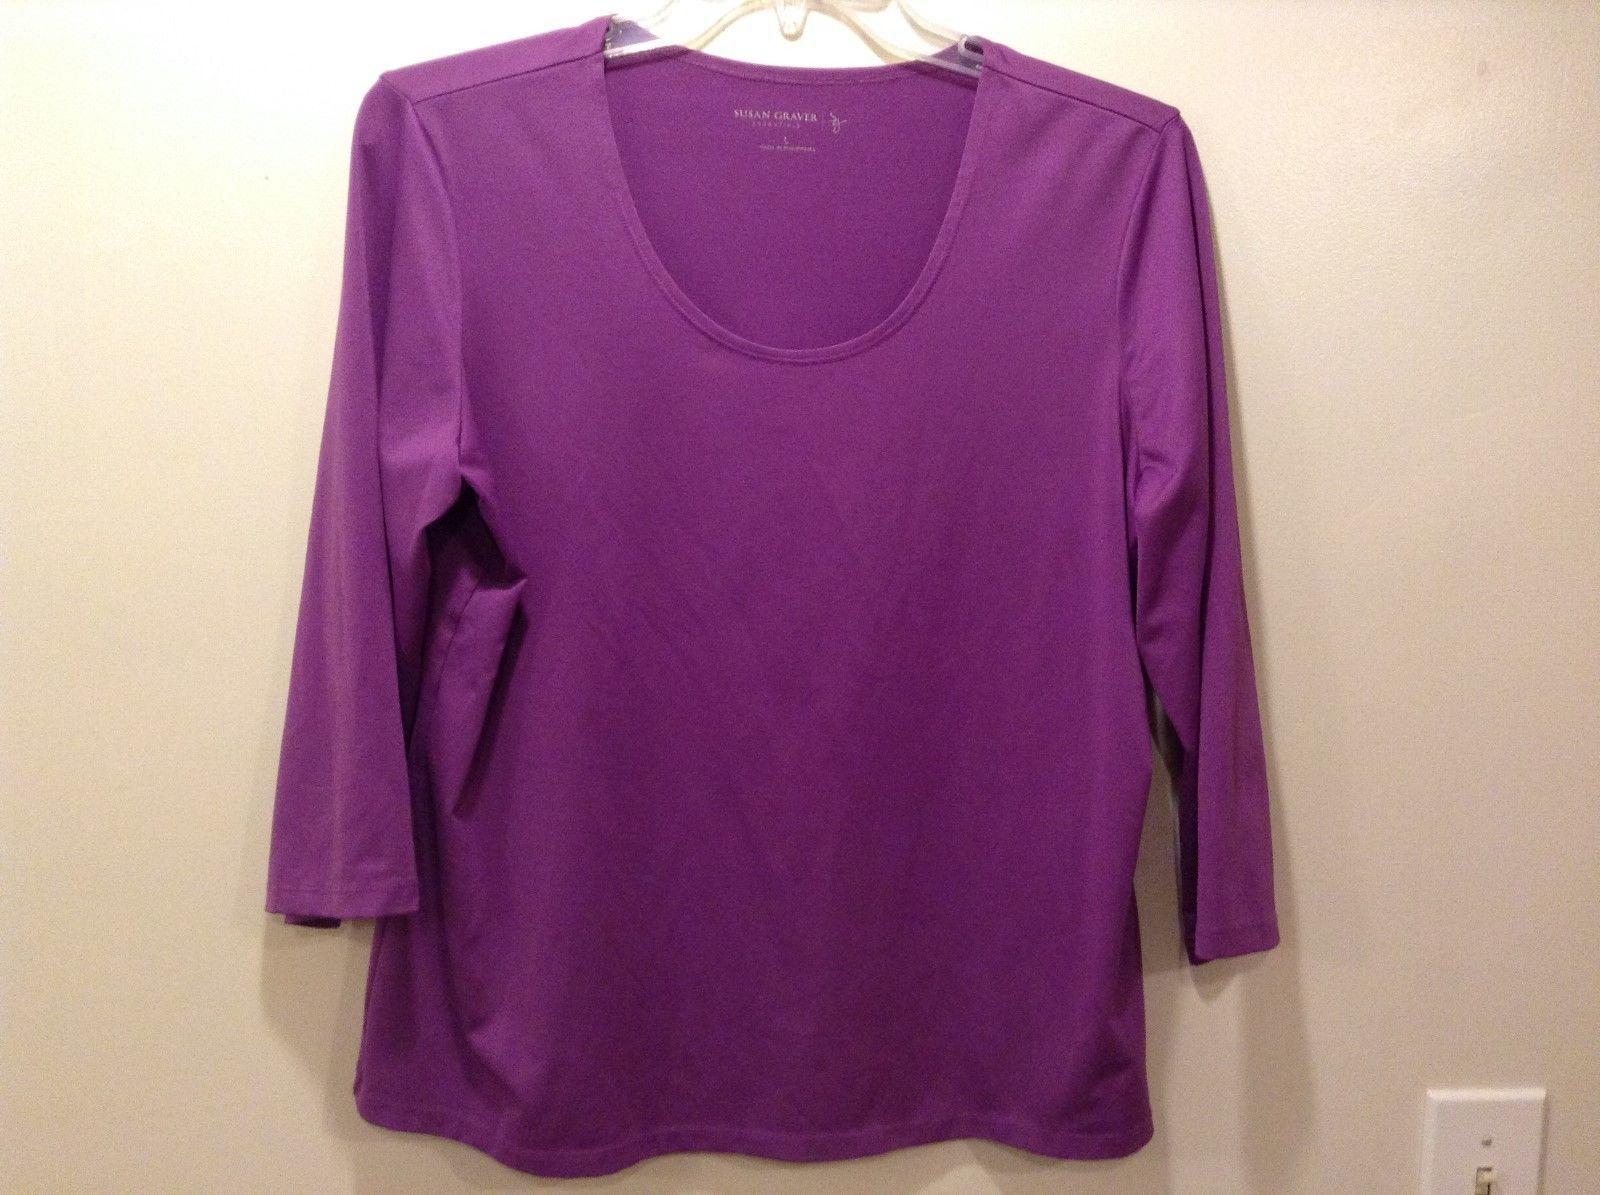 Susan Graver Essentials Scoop Neck 3/4 Sleeve Blouse Sz LG